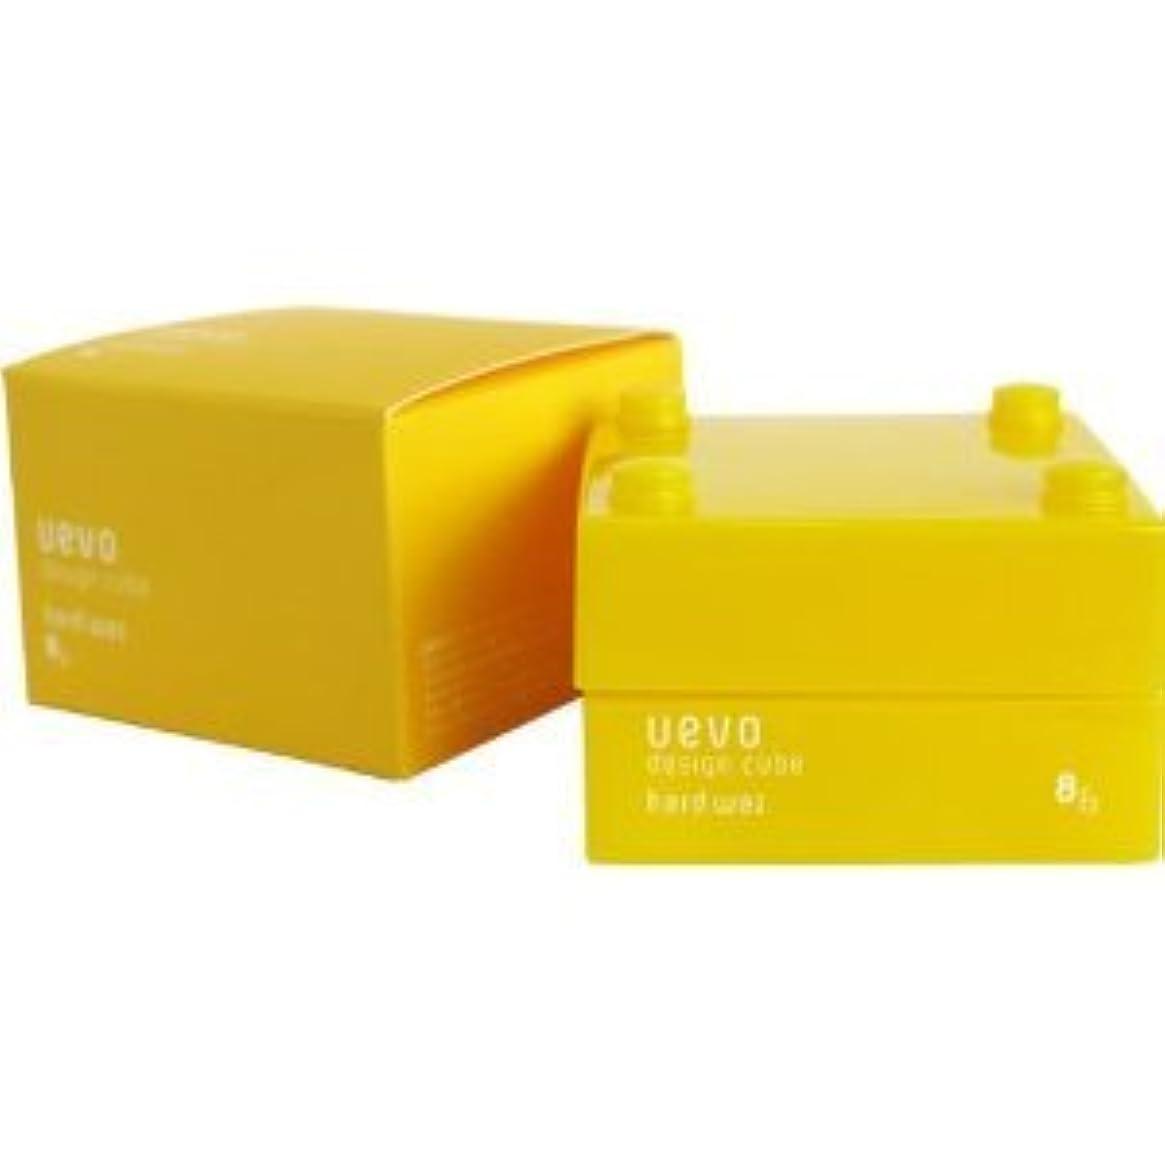 巡礼者コンパス保持する【X2個セット】 デミ ウェーボ デザインキューブ ハードワックス 30g hard wax DEMI uevo design cube